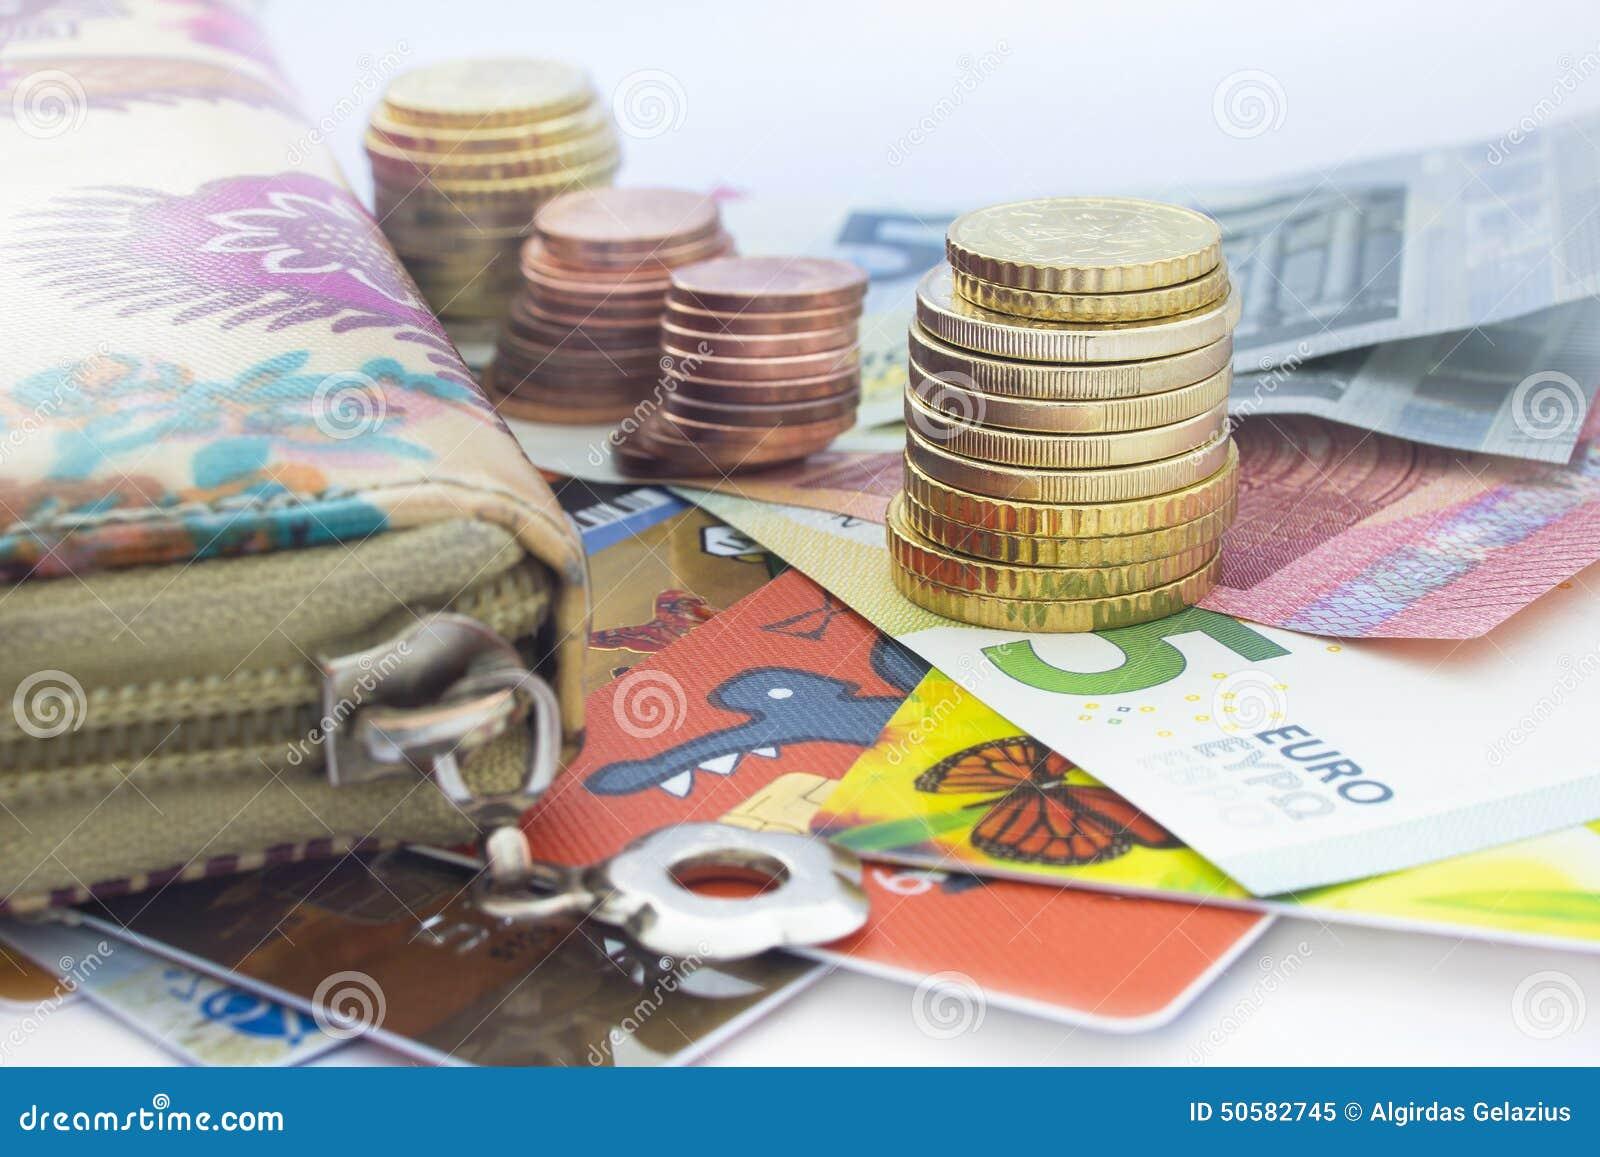 Euromünzen Eurobanknoten Und Geldbörse Stockbild Bild Von